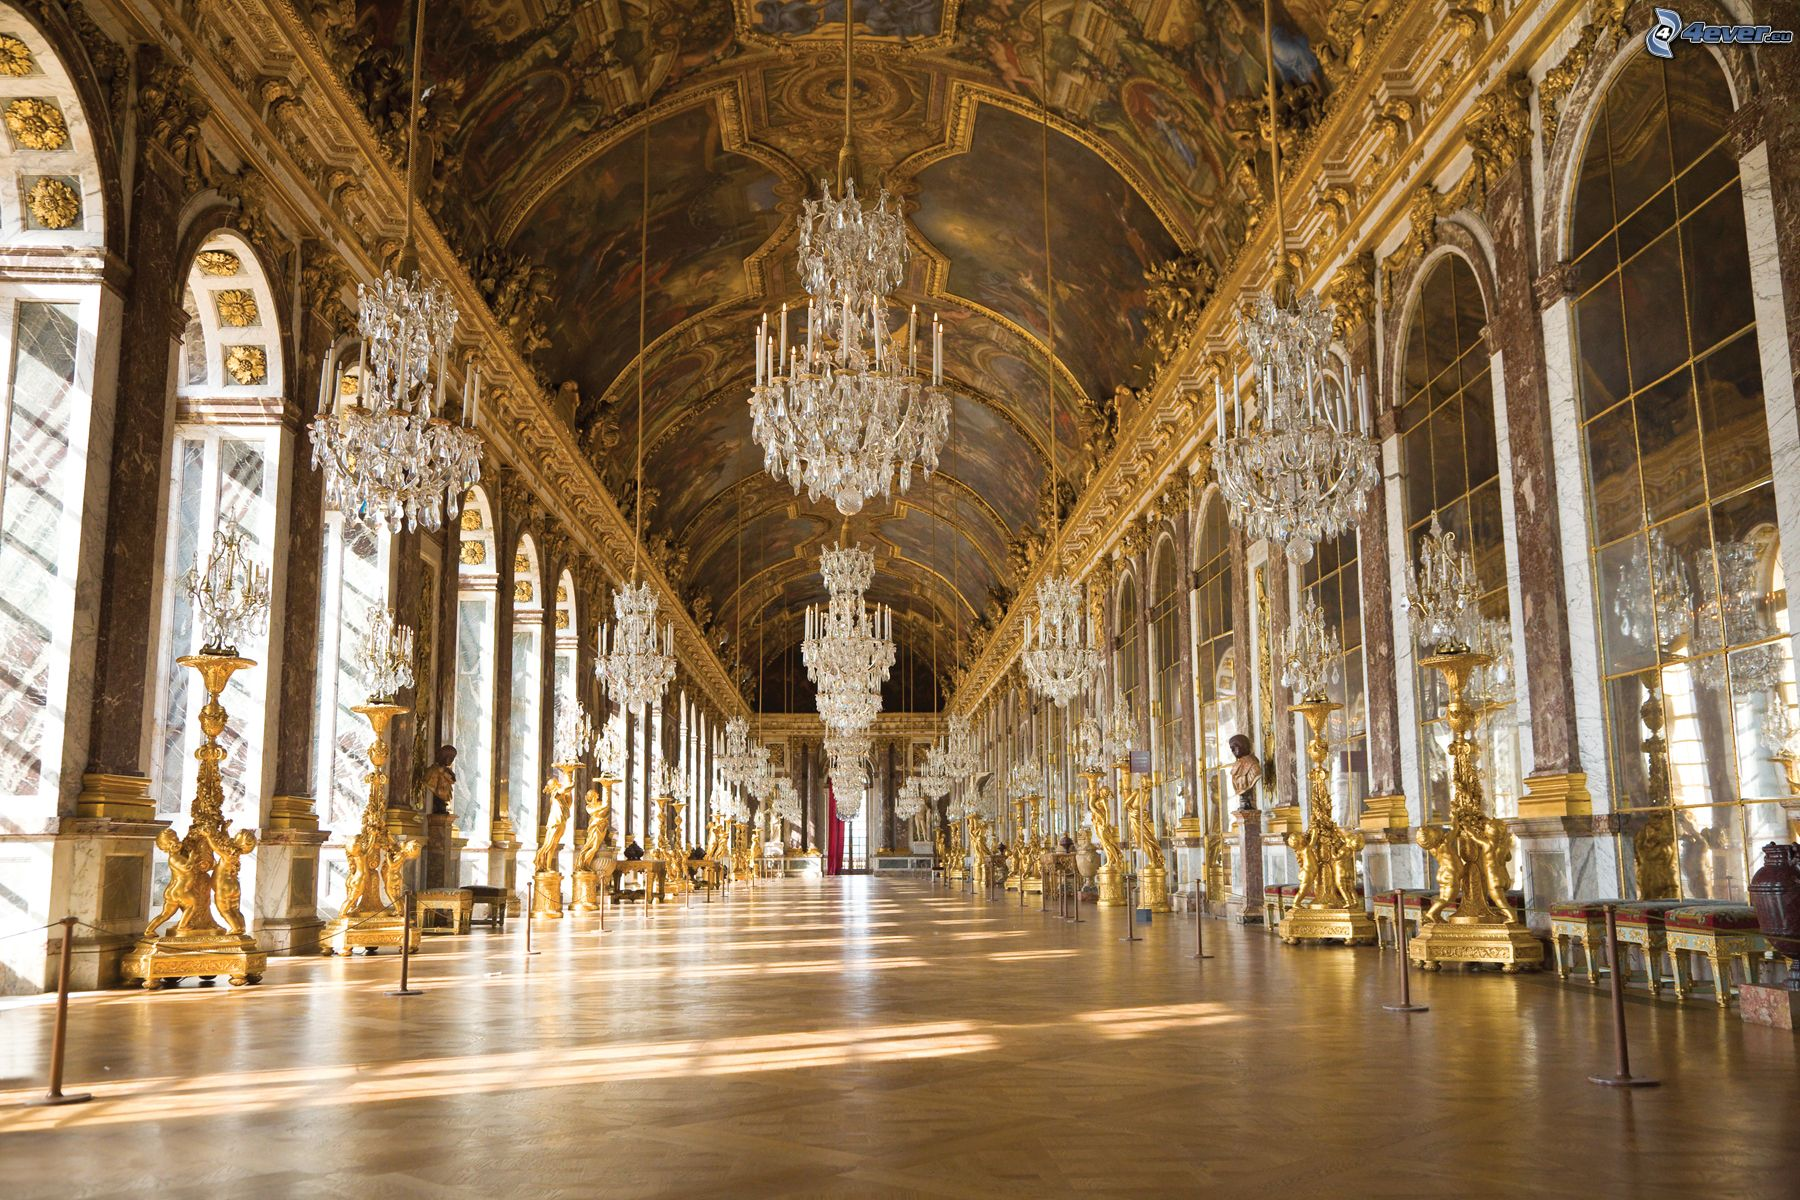 Chateau de versaille interieur